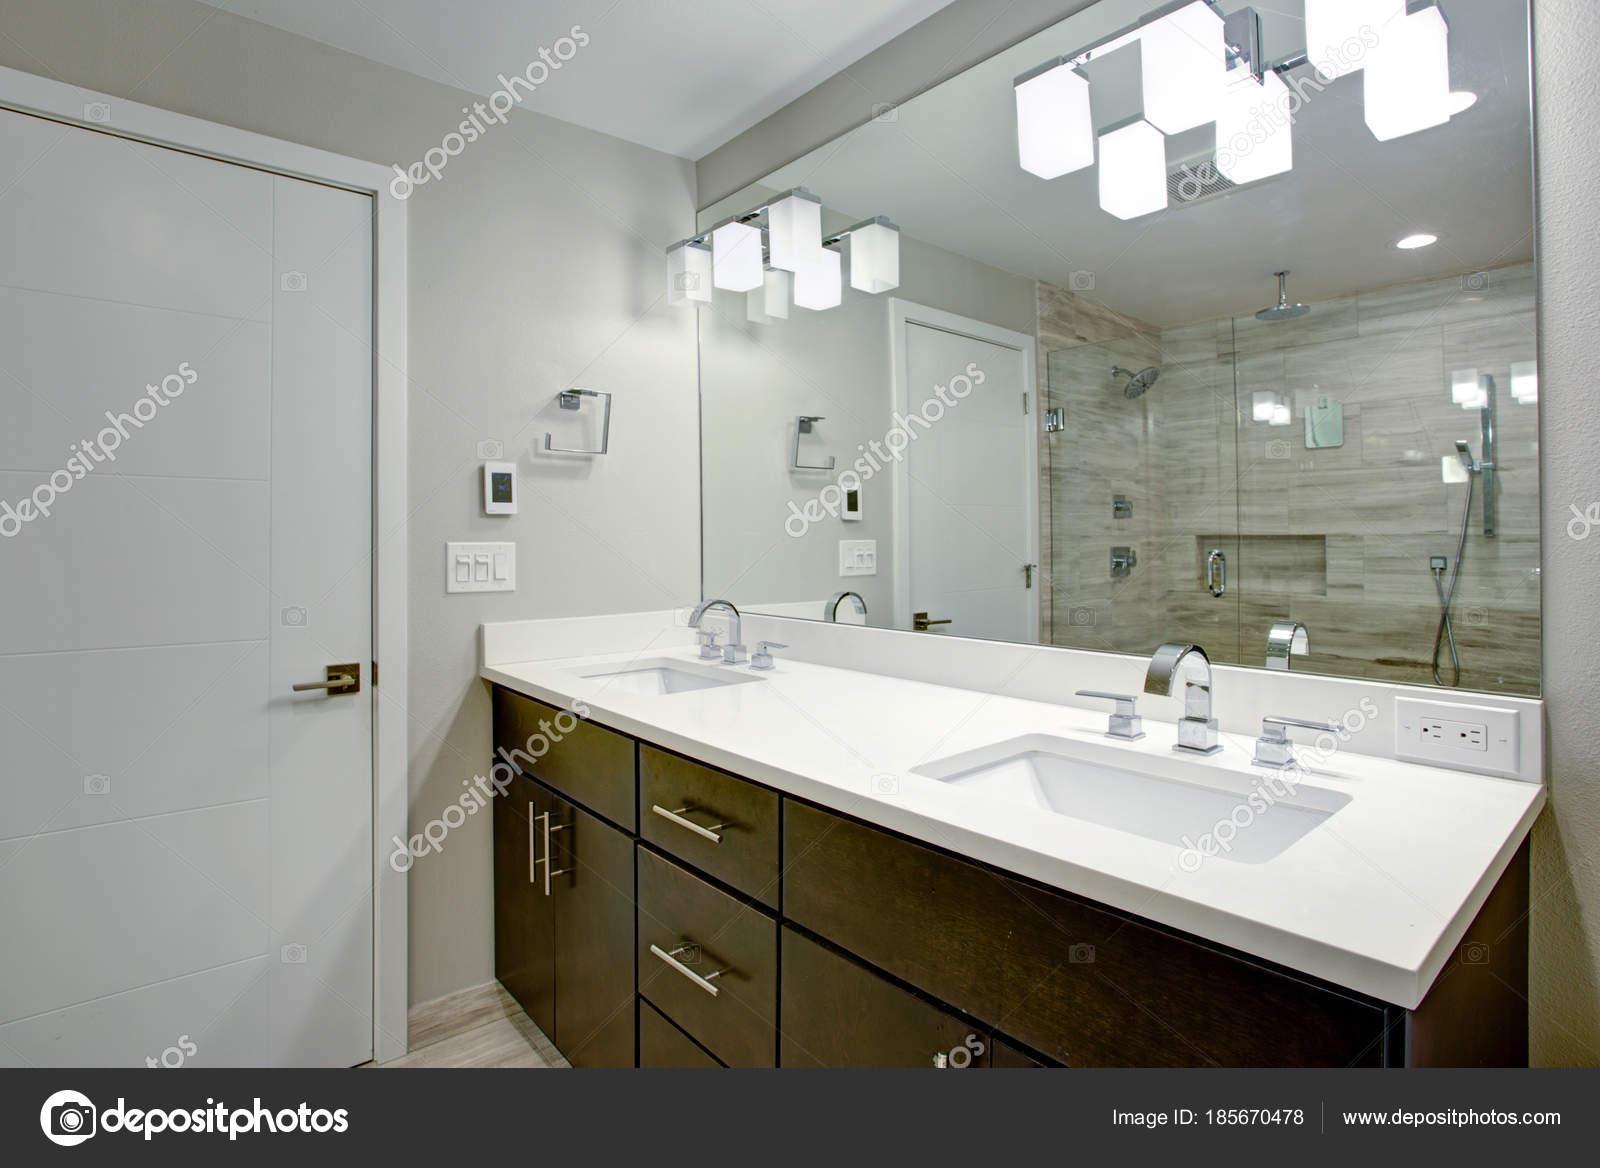 Simpel Pure Badkamer : Elegante badkamer met dubbele ijdelheid van espresso u stockfoto